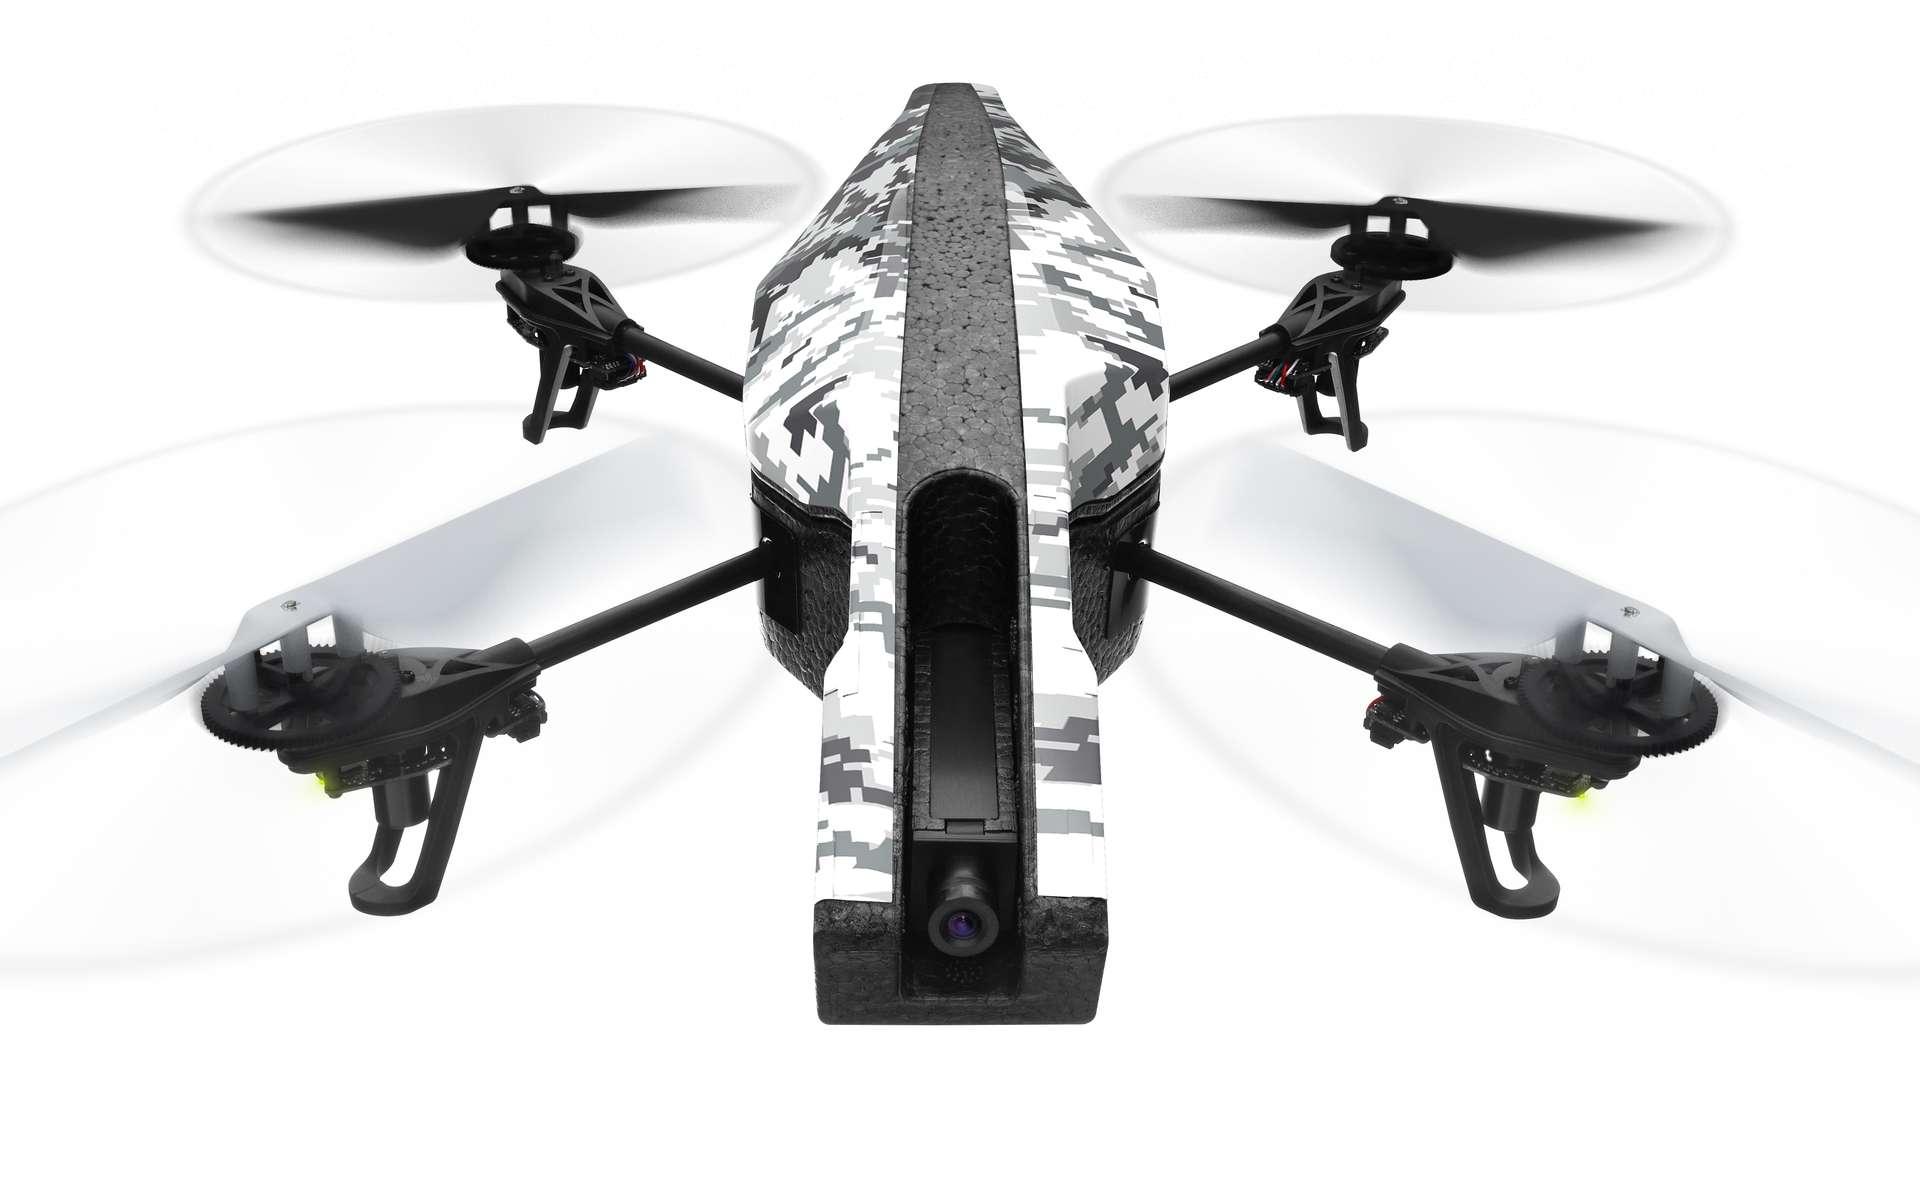 C'est avec un drone de loisir du même type que celui-ci que SensePost a testé son logiciel d'espionnage Snoopy à Londres. En survolant les artères de la capitale britannique, ils ont récolté des adresses Wi-Fi de centaines de smartphones à l'insu de leurs propriétaires. Snoopy a la capacité de se faire passer pour un point d'accès Wi-Fi familier d'un terminal mobile, puis d'envoyer tout le trafic entrant et sortant vers un serveur. © Parrot